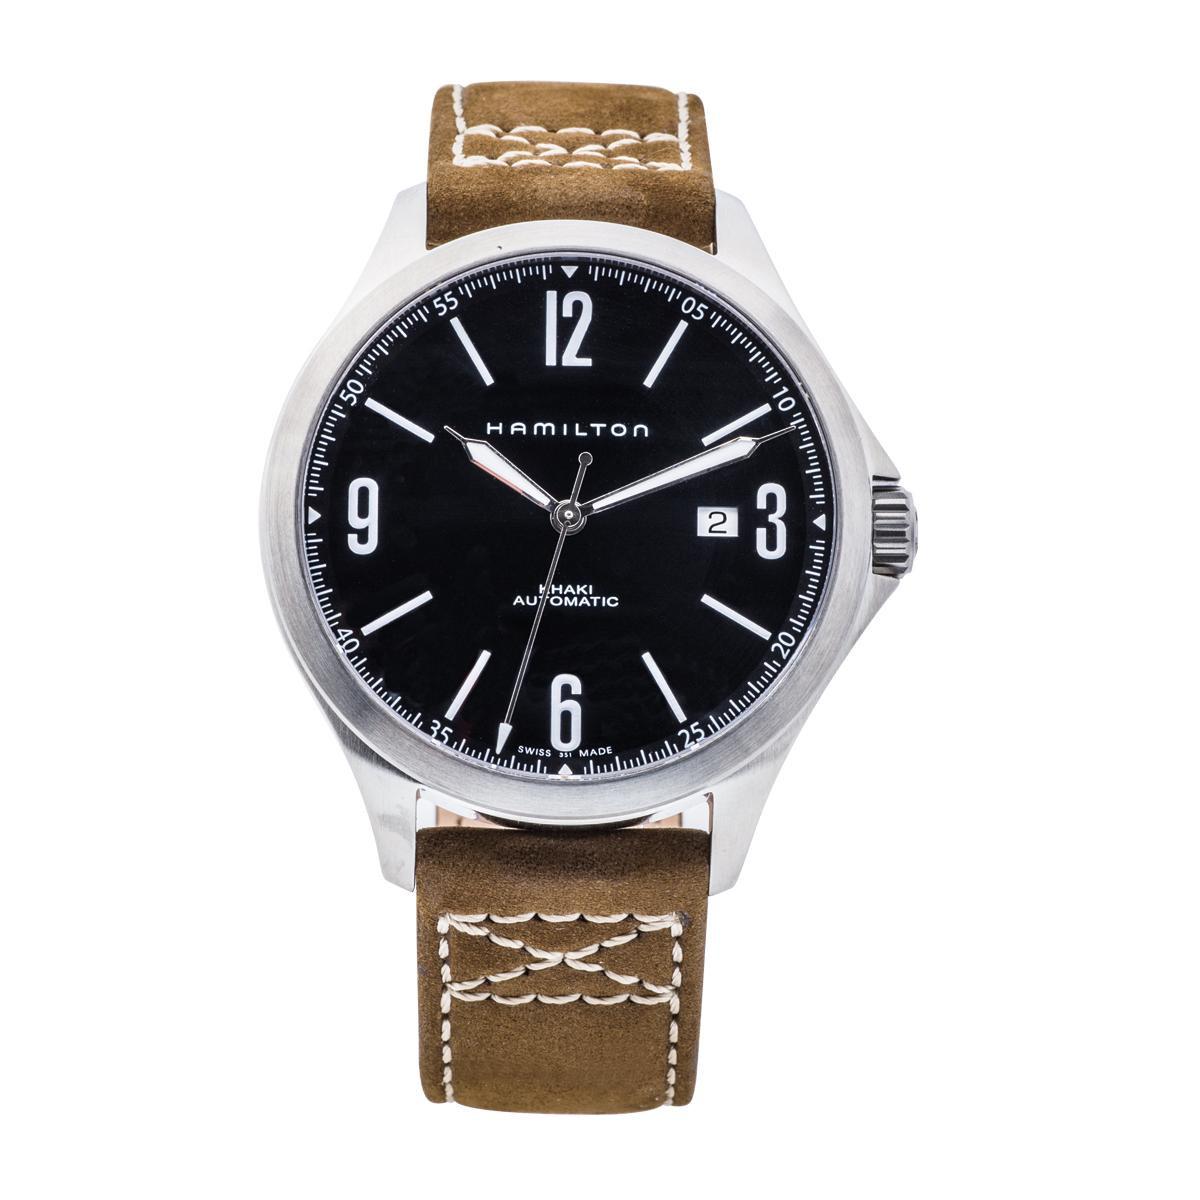 New Hamilton Khaki Aviation Watch